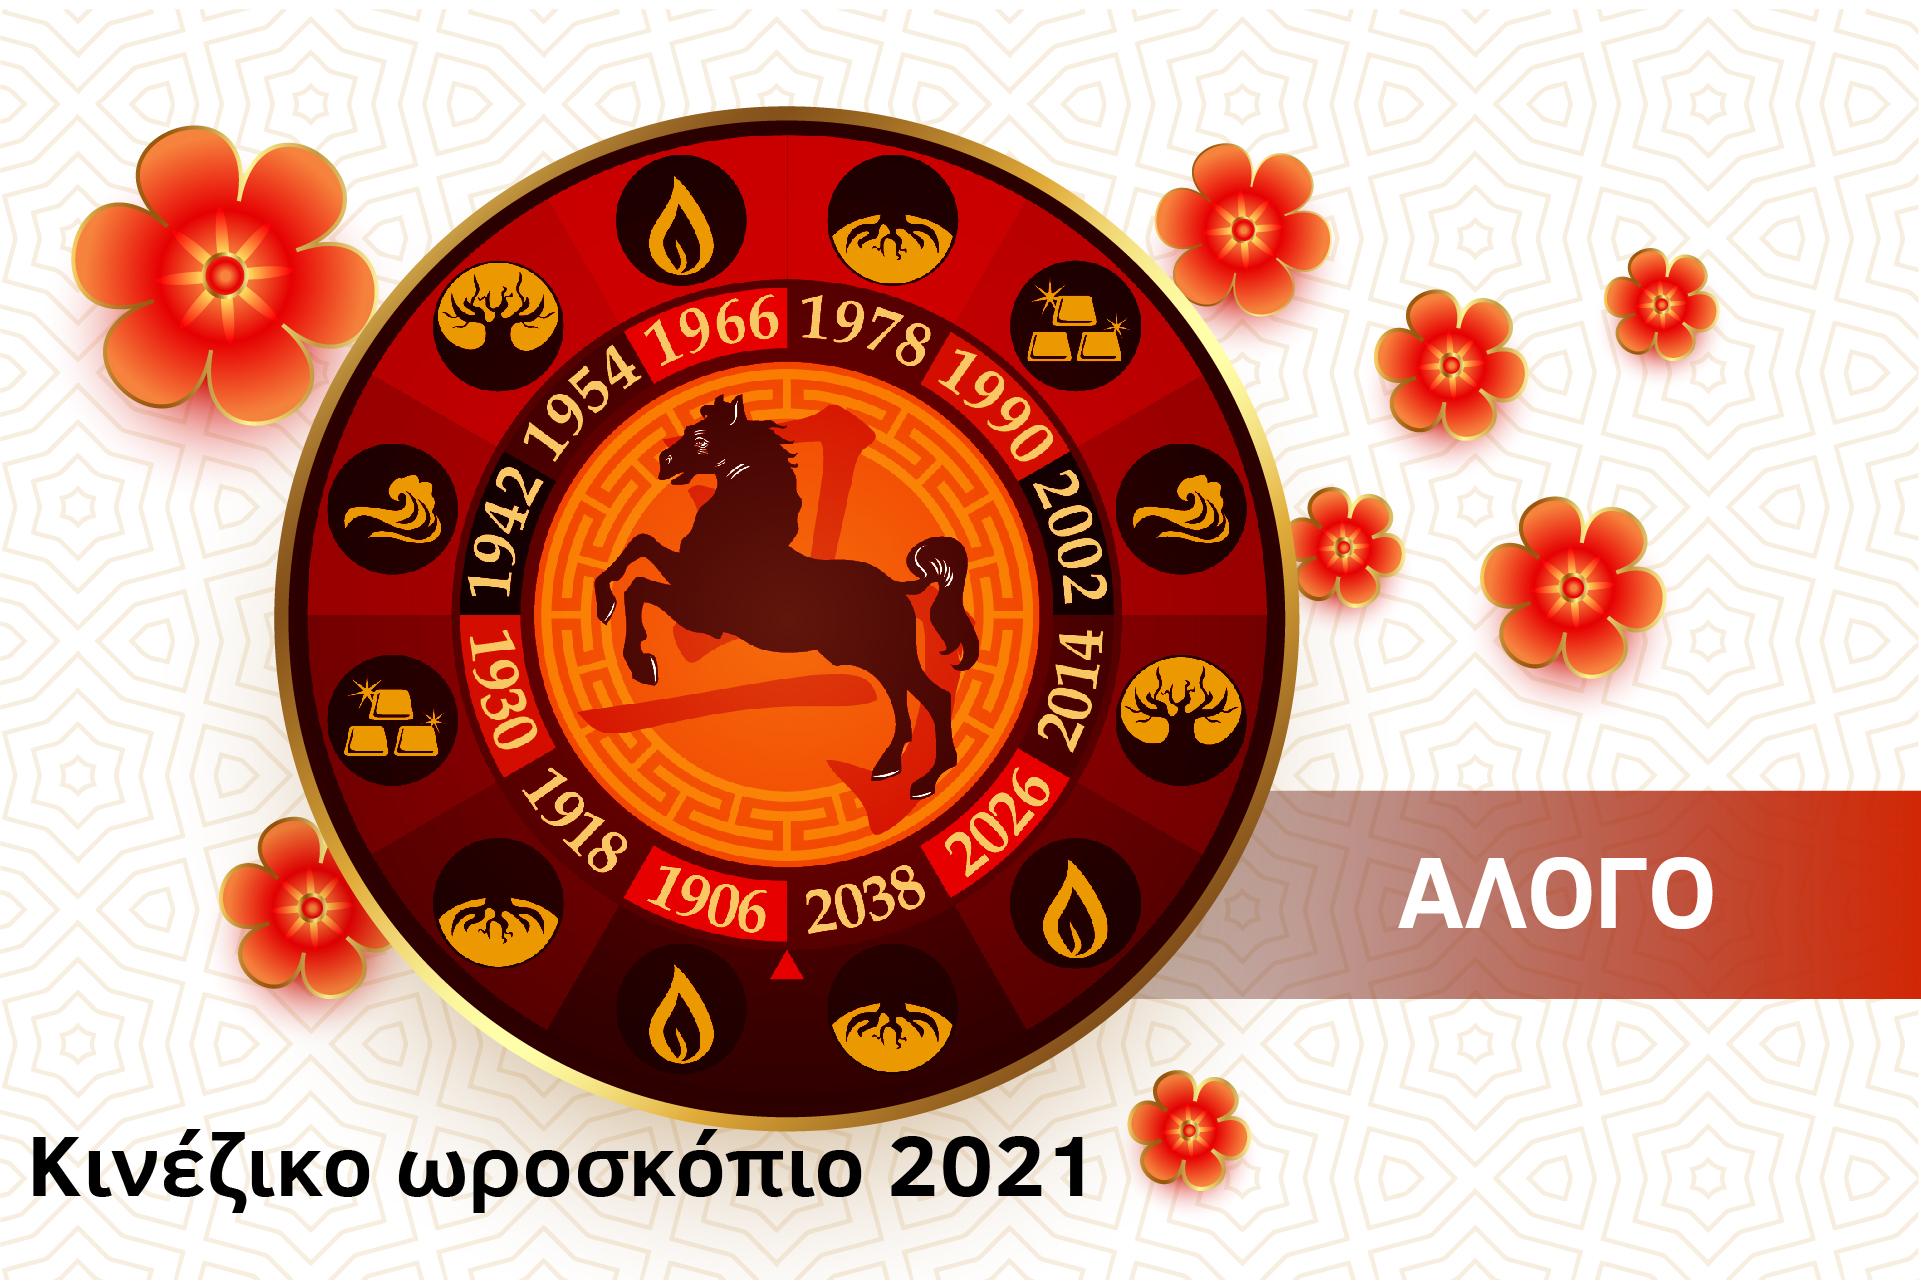 Άλογο 2021 – Κινέζικο Ωροσκόπιο